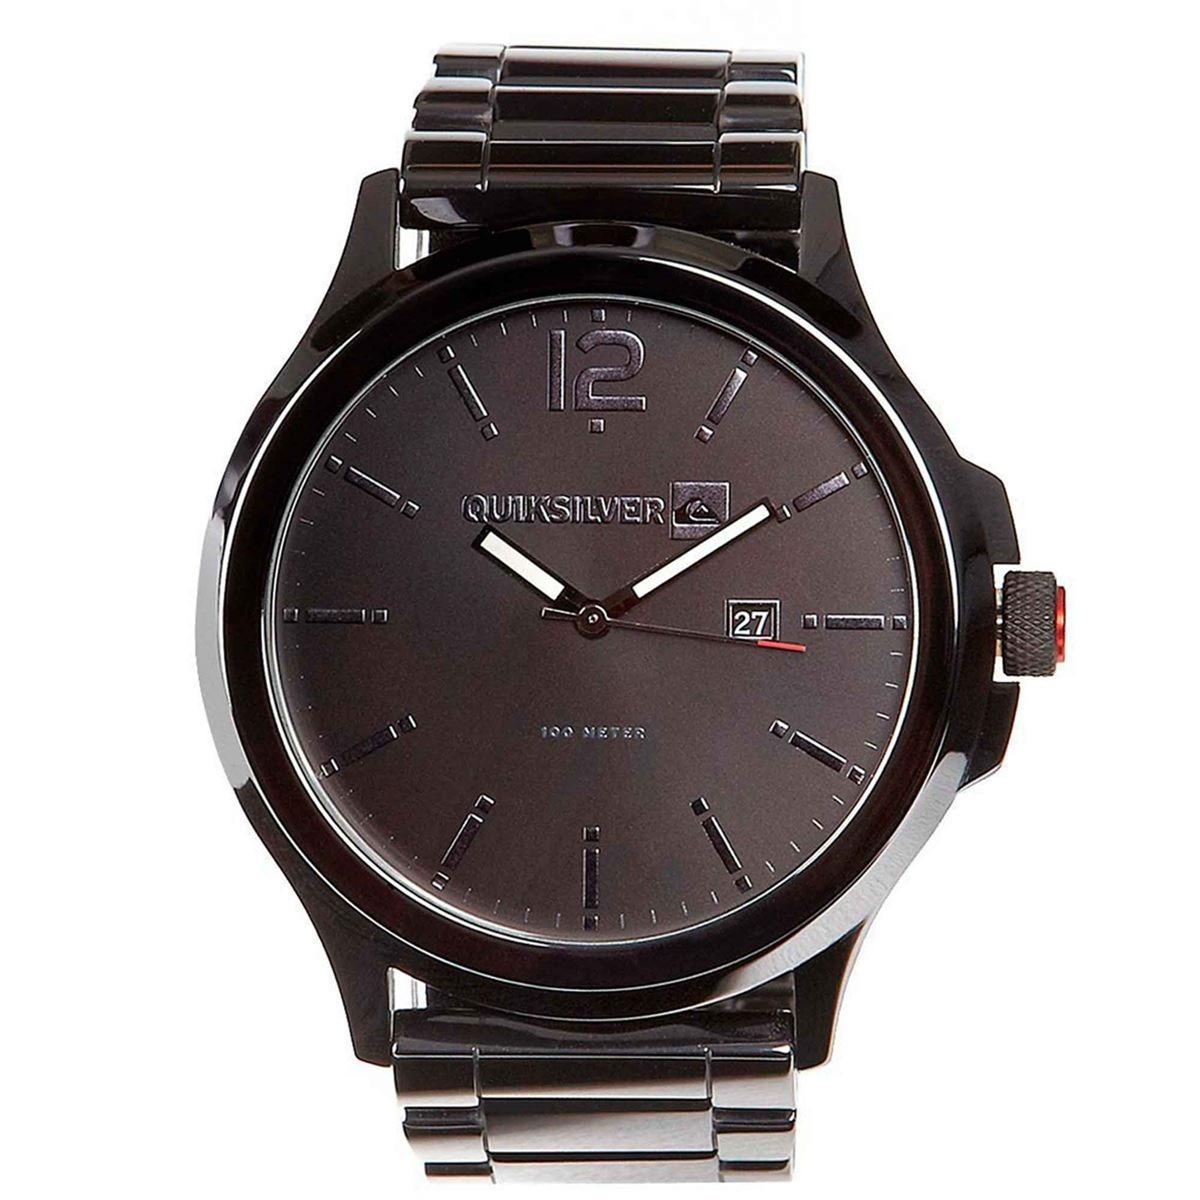 8bc6119459c relógio quiksilver beluka ceramic. Carregando zoom.